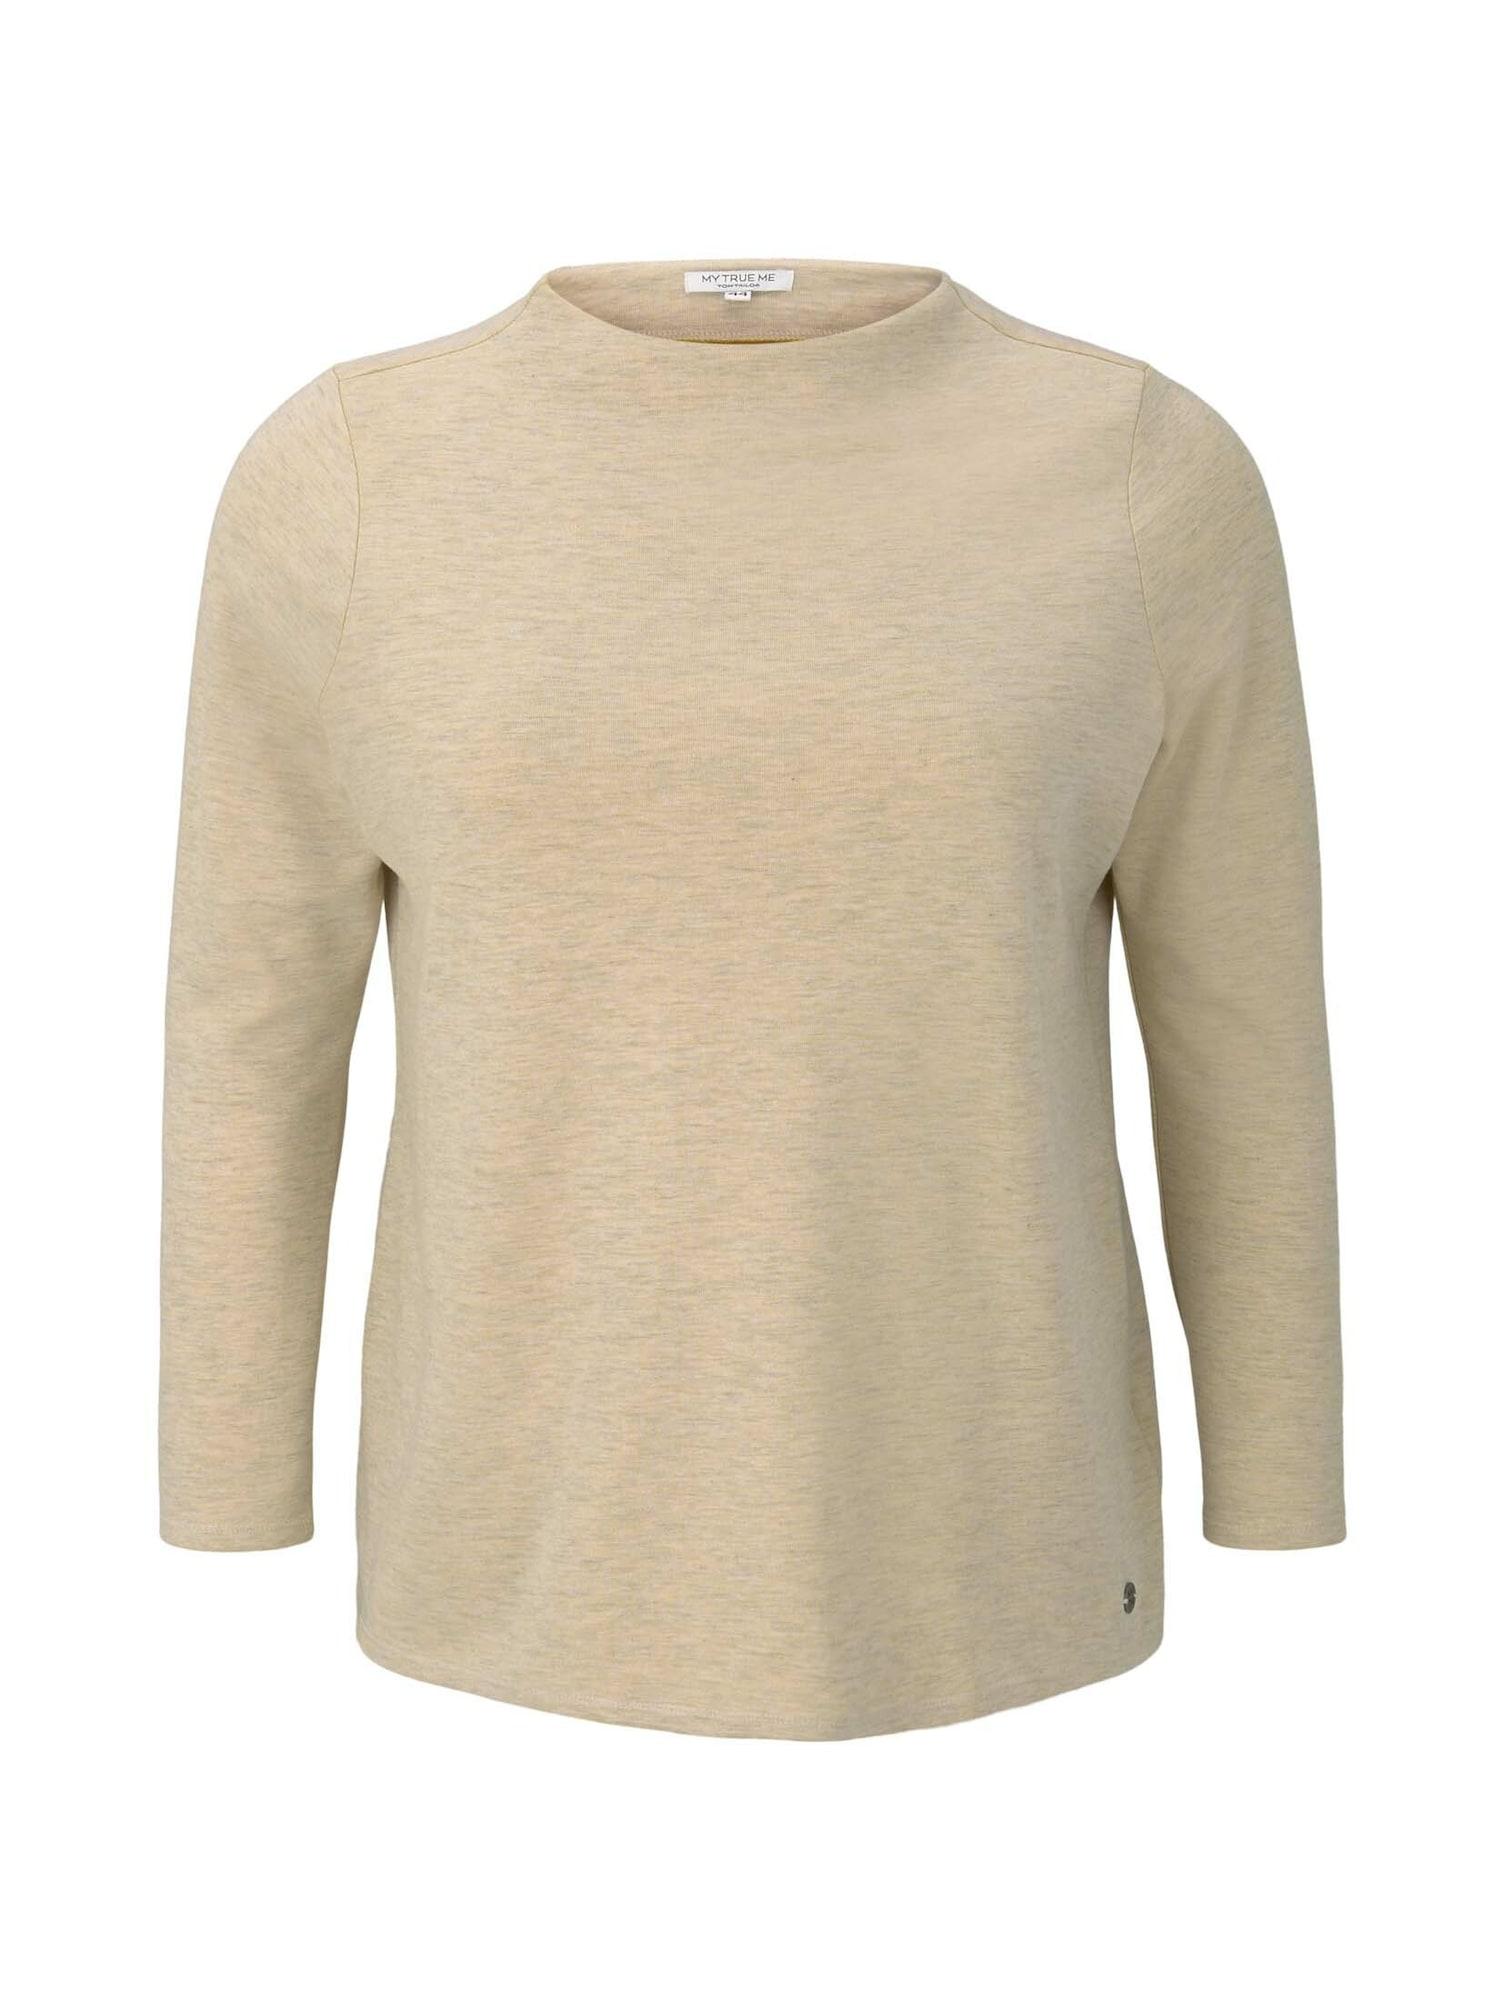 MY TRUE ME Marškinėliai pudros spalva